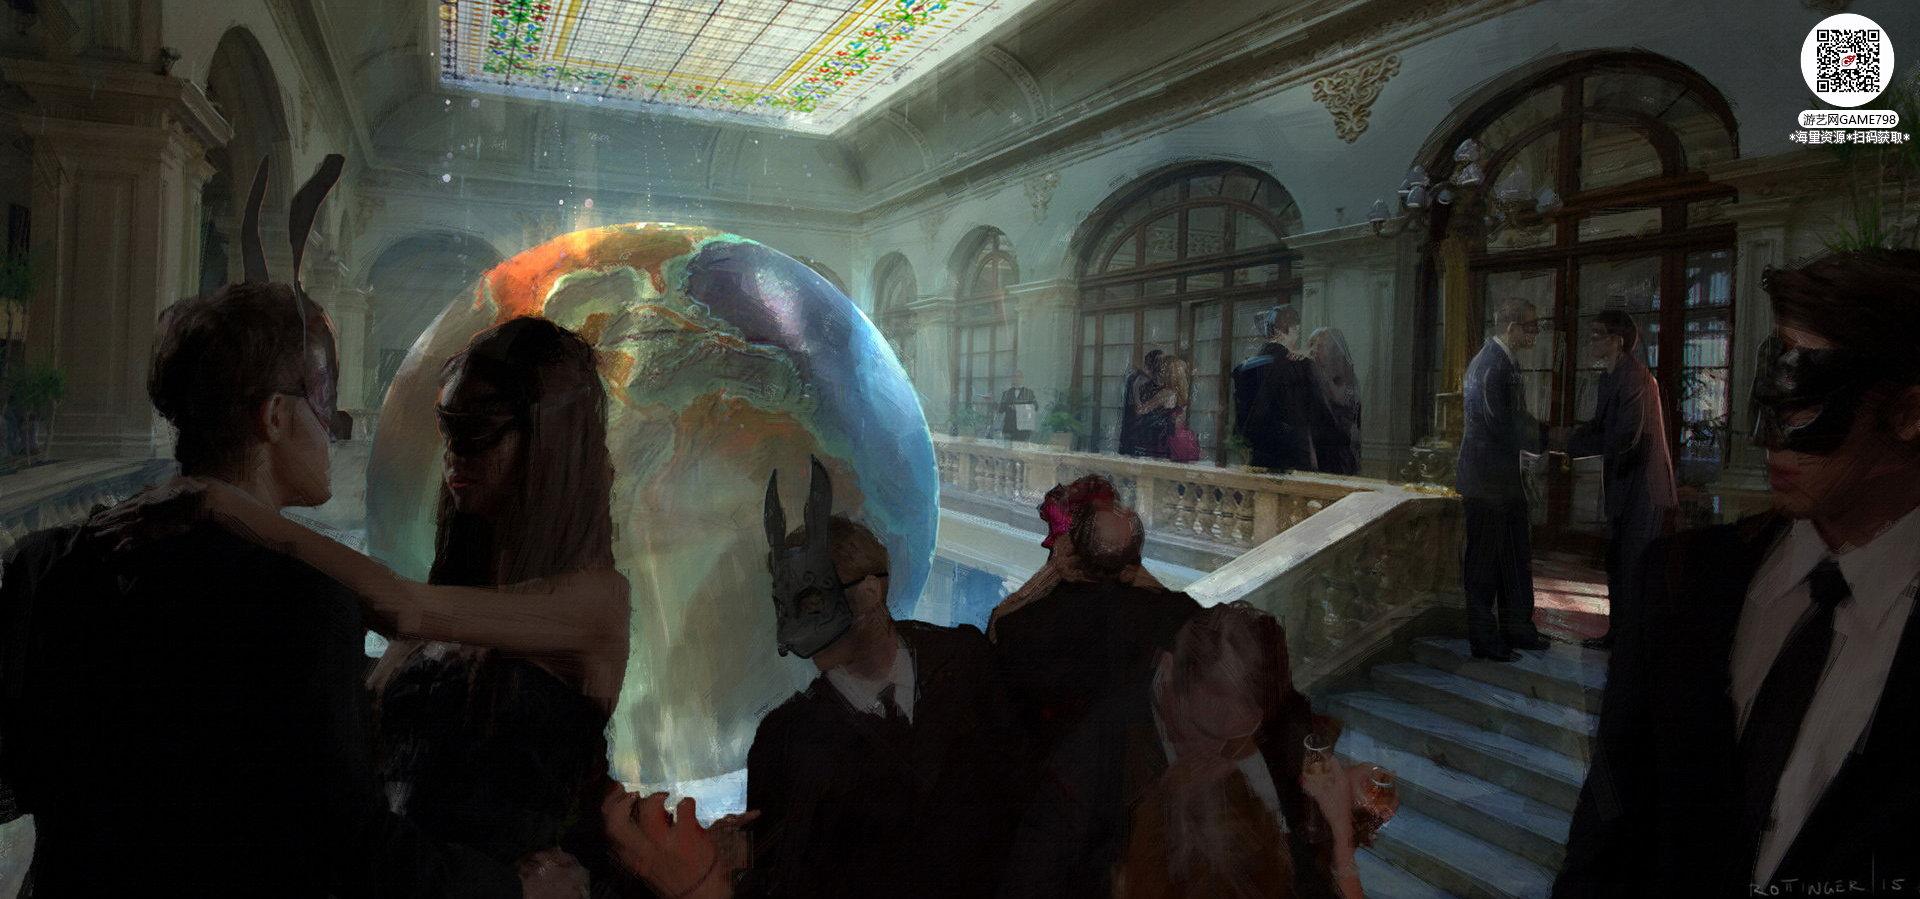 070_关注游艺网公众号获海量资源_风格独特的原画概念设定Q版卡通风格异世界科幻风格设计.jpg